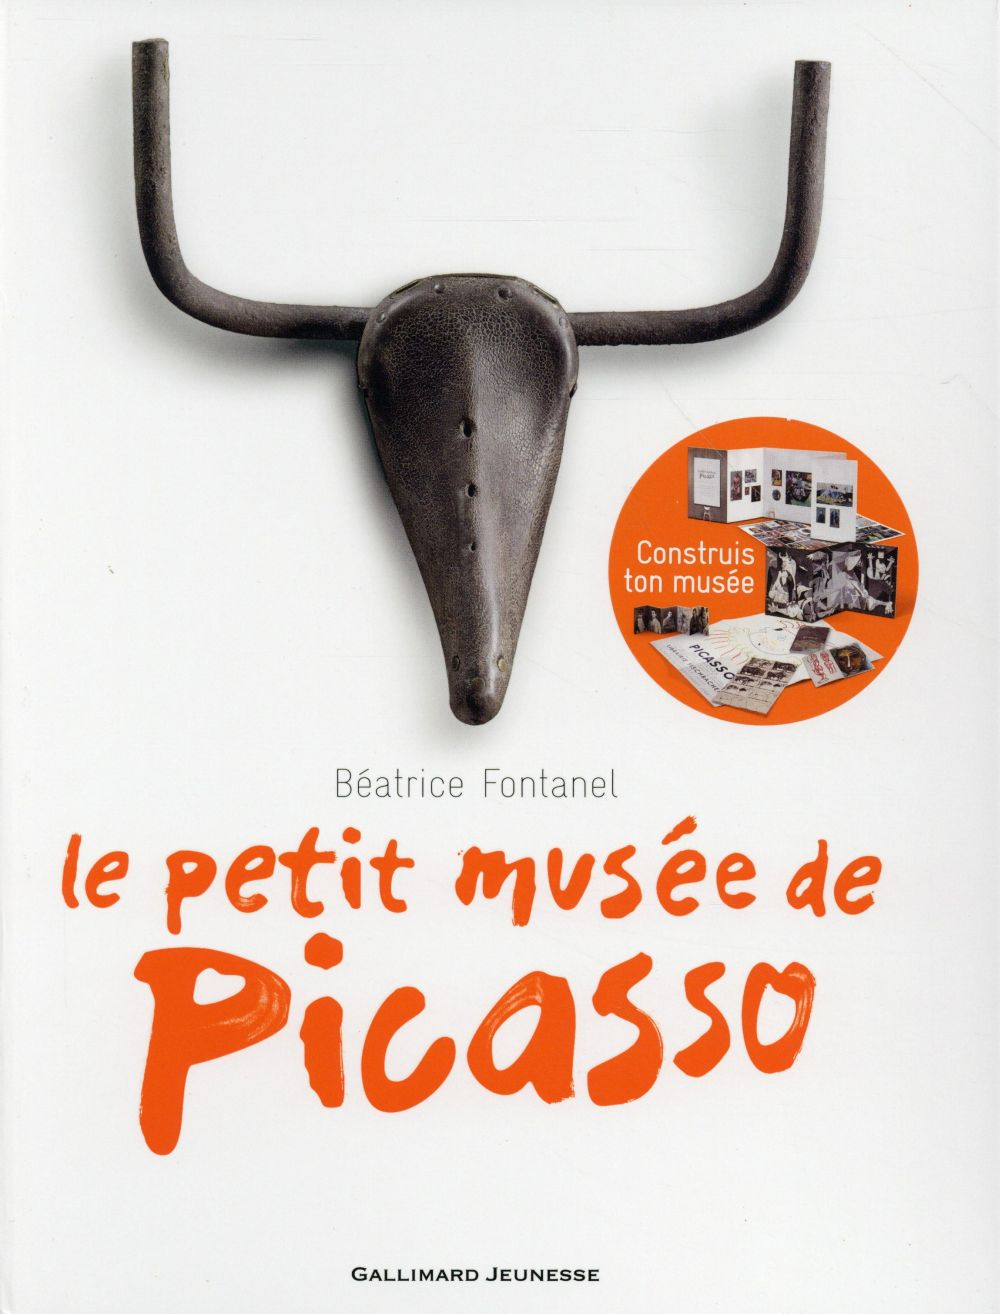 Le petit musee de Picasso